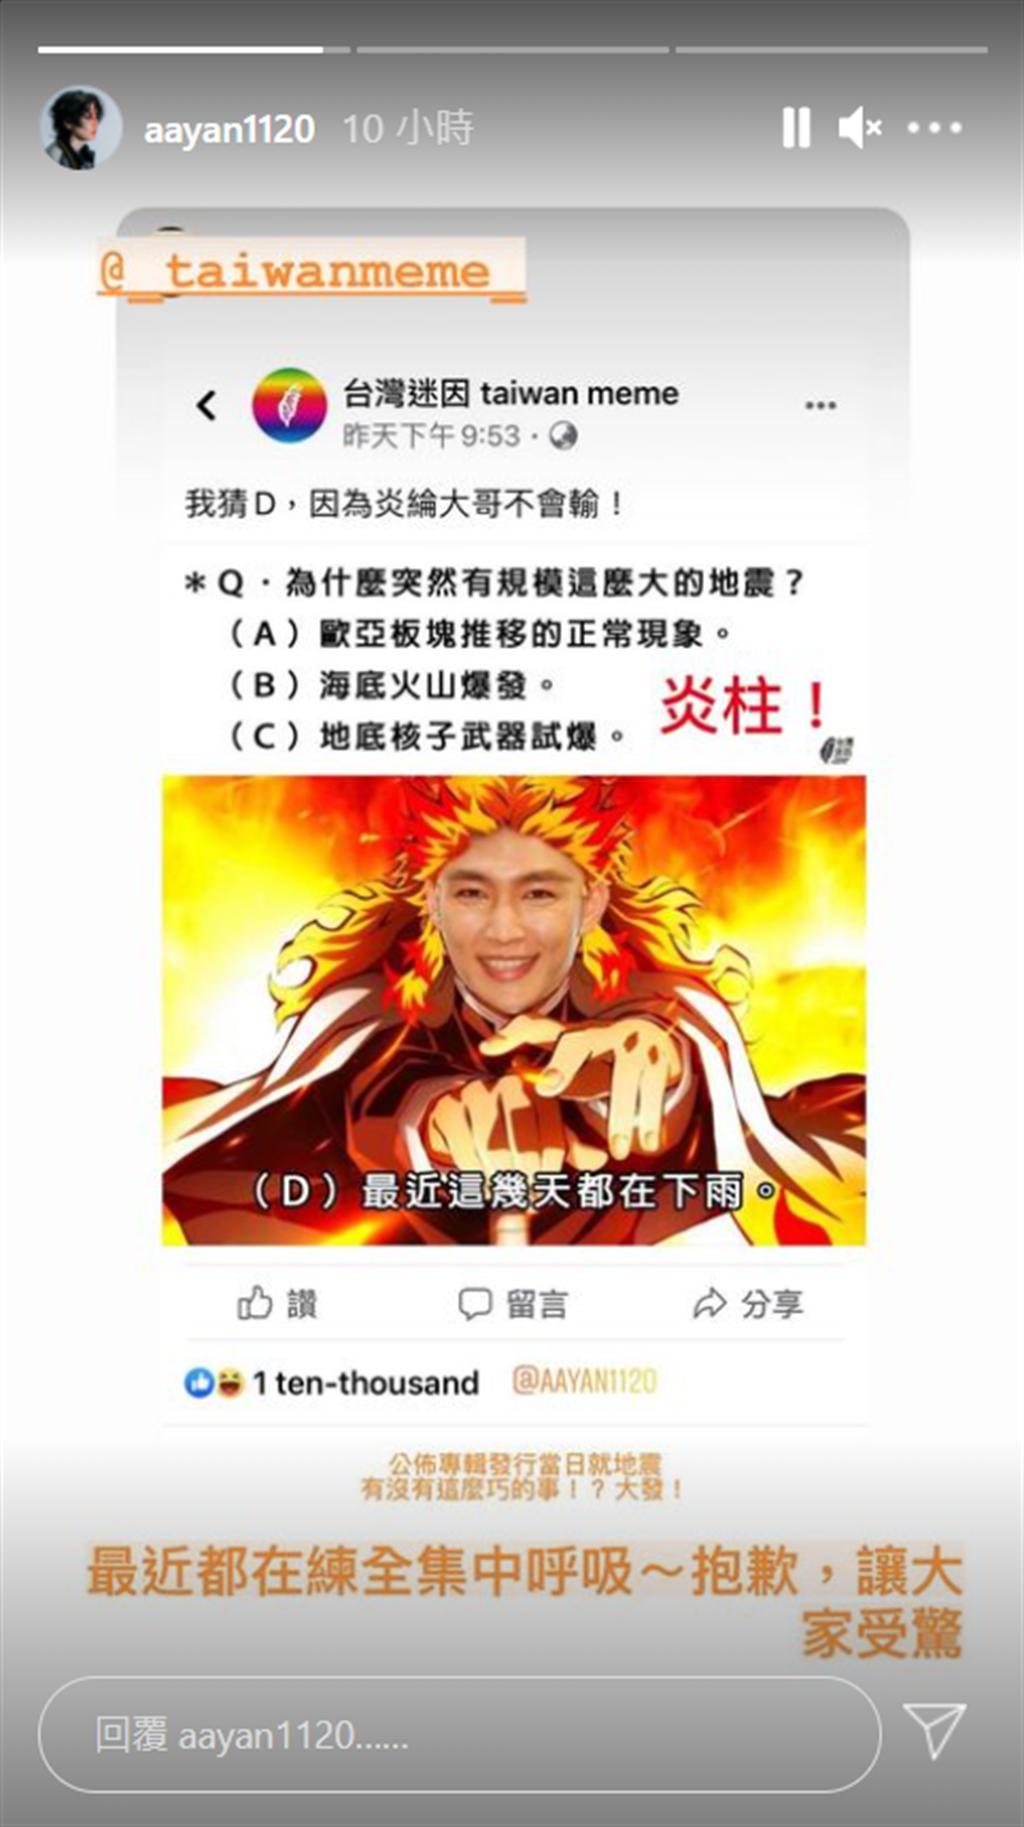 炎亞綸自己也幽默回應 (圖/ IG / aayan1120)